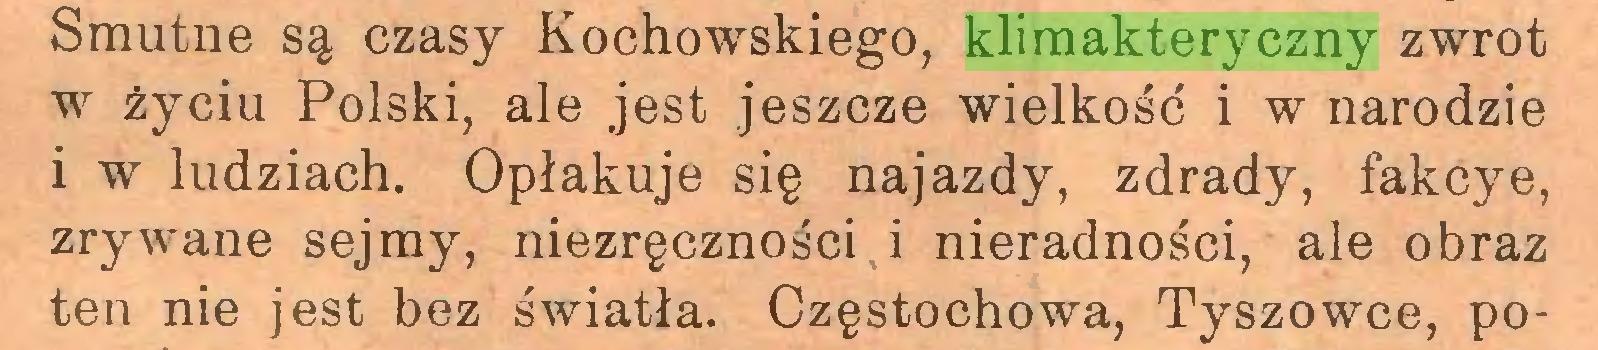 (...) Smutne są czasy Kochowskiego, klimakteryczny zwrot w życiu Polski, ale jest jeszcze wielkość i w narodzie i w ludziach. Opłakuje się najazdy, zdrady, fakcye, zrywane sejmy, niezręczności i nieradności, ale obraz ten nie jest bez światła. Częstochowa, Tyszowce, po...